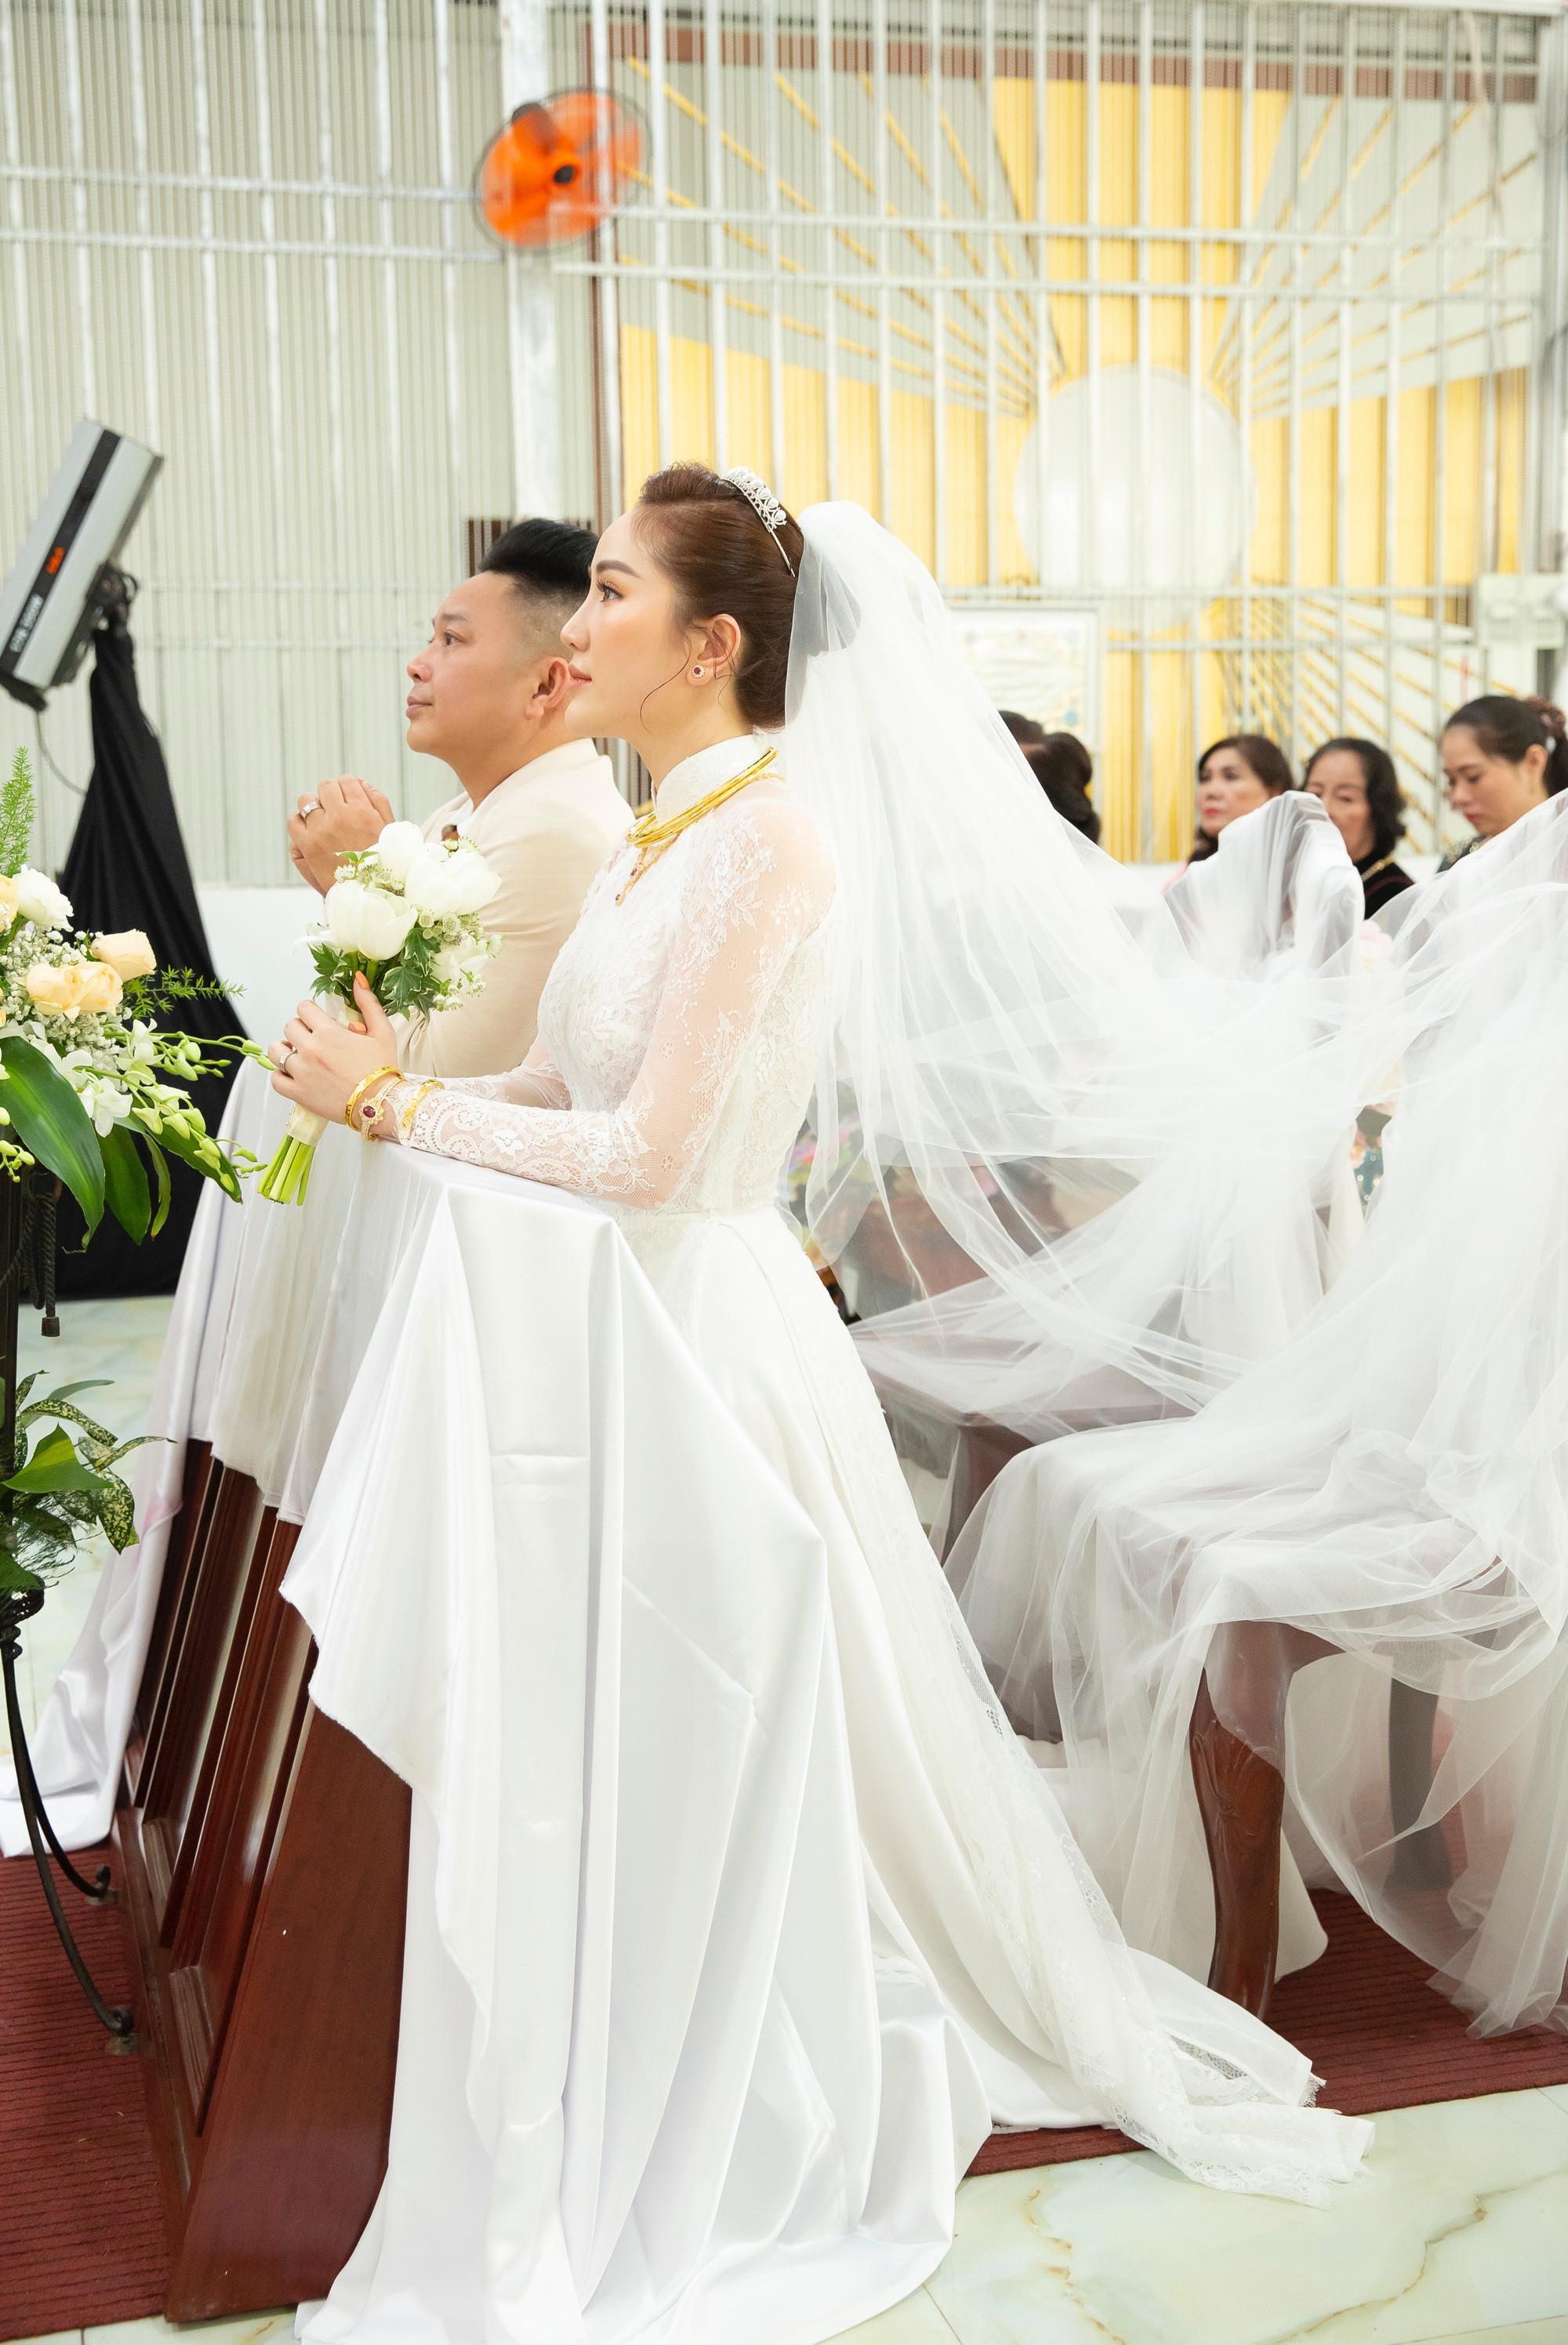 """Bảo Thy xúc động chia sẻ về ông xã sau đám cưới tại nhà thờ: Đời người có thể và kết hôn nhiều lần..."""""""